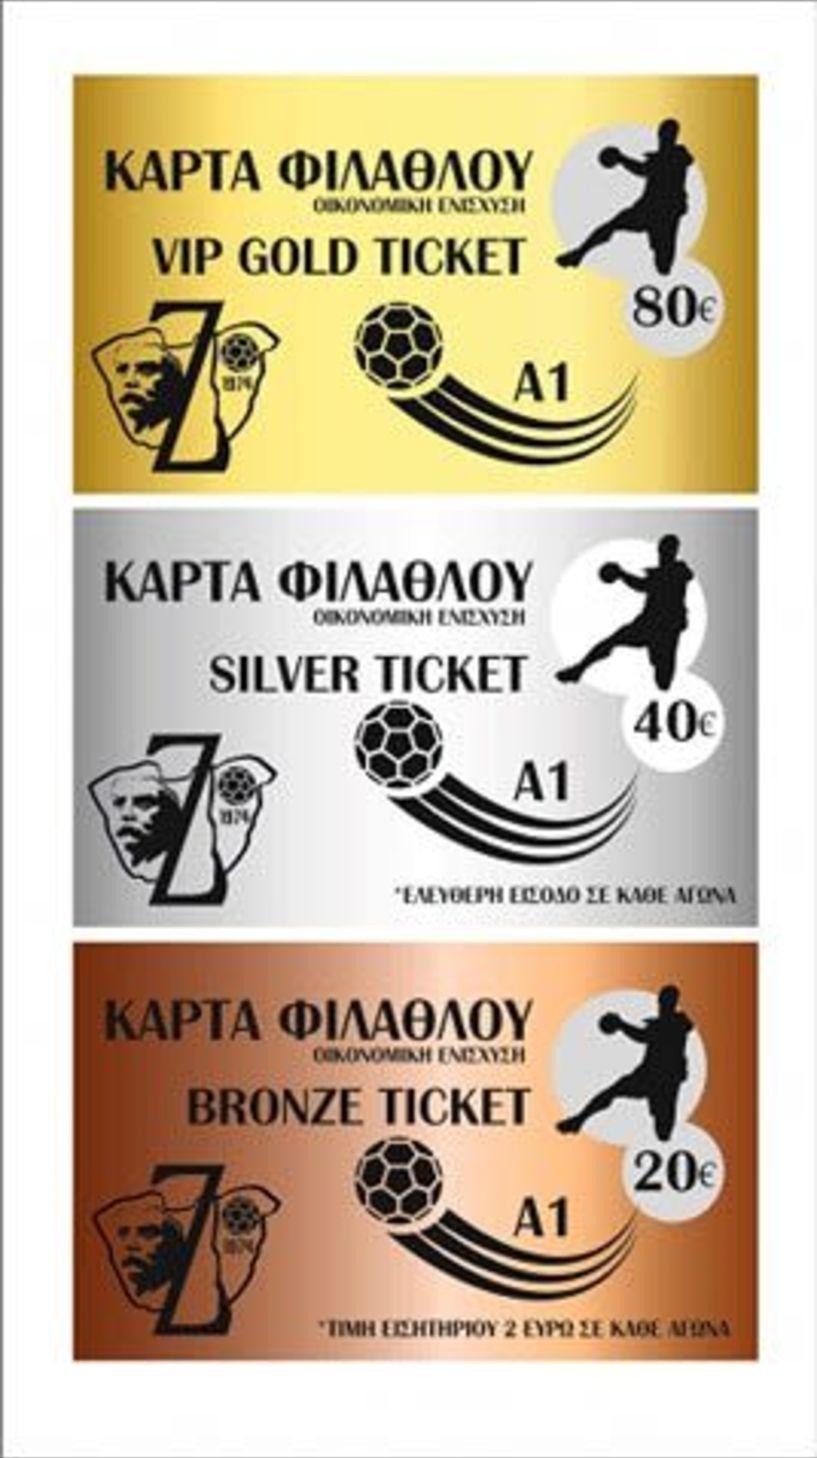 Ζαφειράκης Νάουσας: Κυκλοφόρησαν οι κάρτες φιλάθλων του Συλλόγου